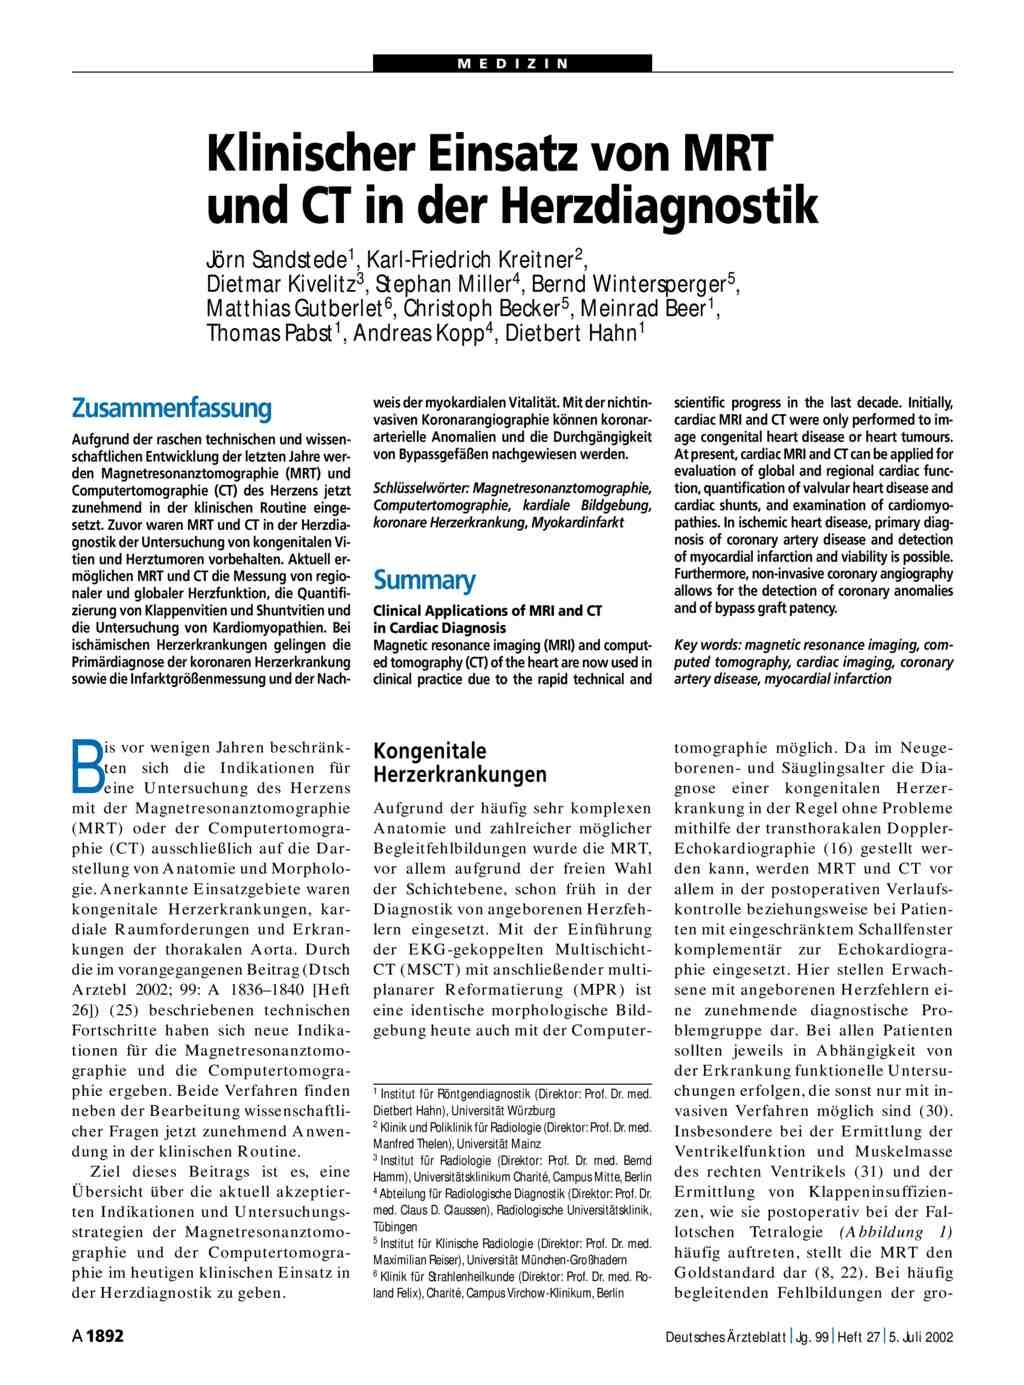 Klinischer Einsatz von MRT und CT in der Herzdiagnostik